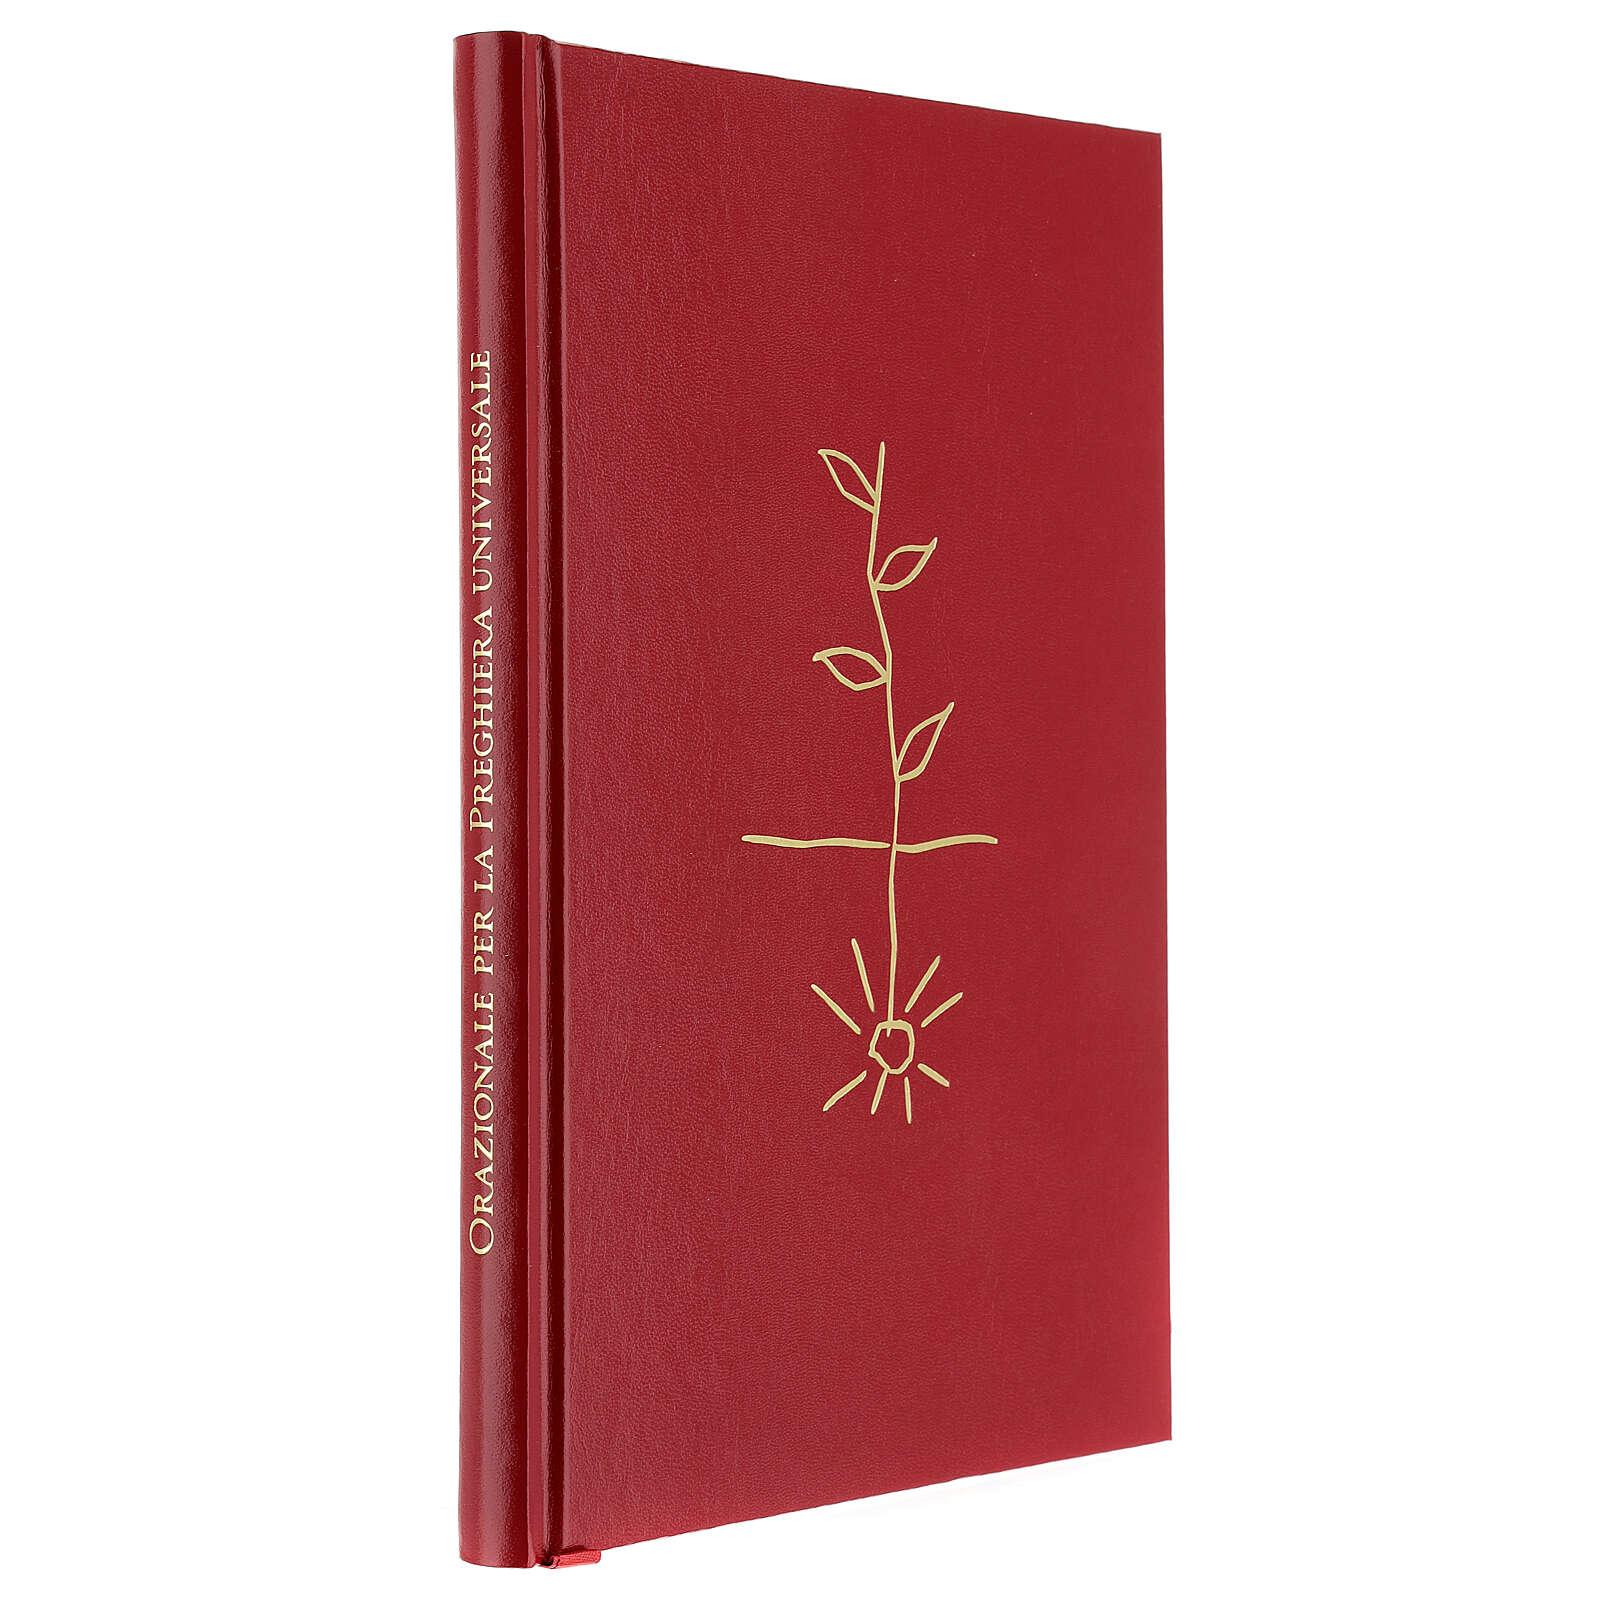 Roman Missal III edition 4